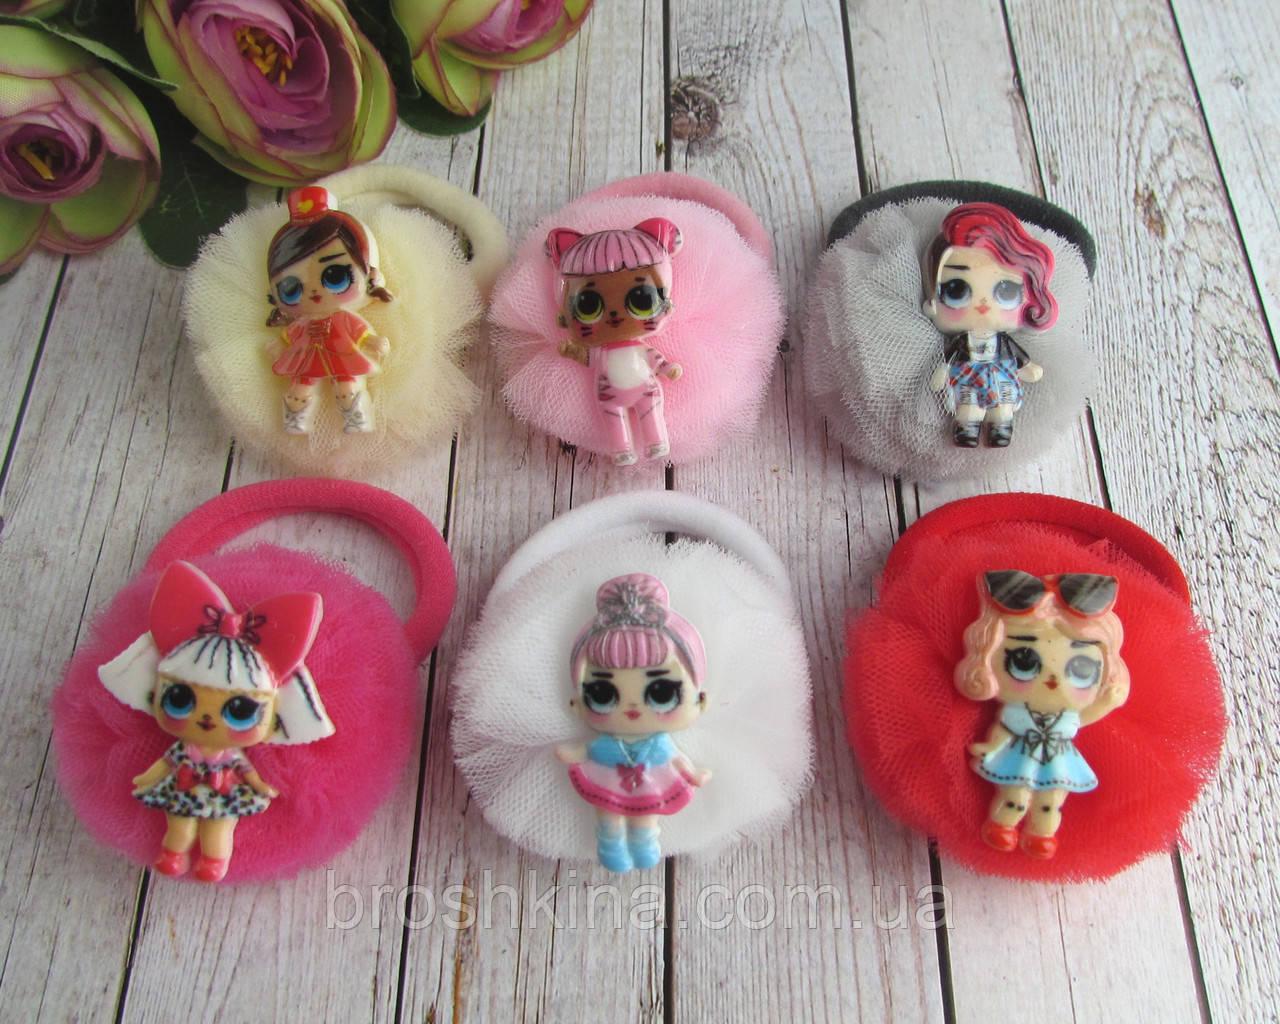 Резинки для волос фатиновые шарики с куклами LOL 12 шт/уп.